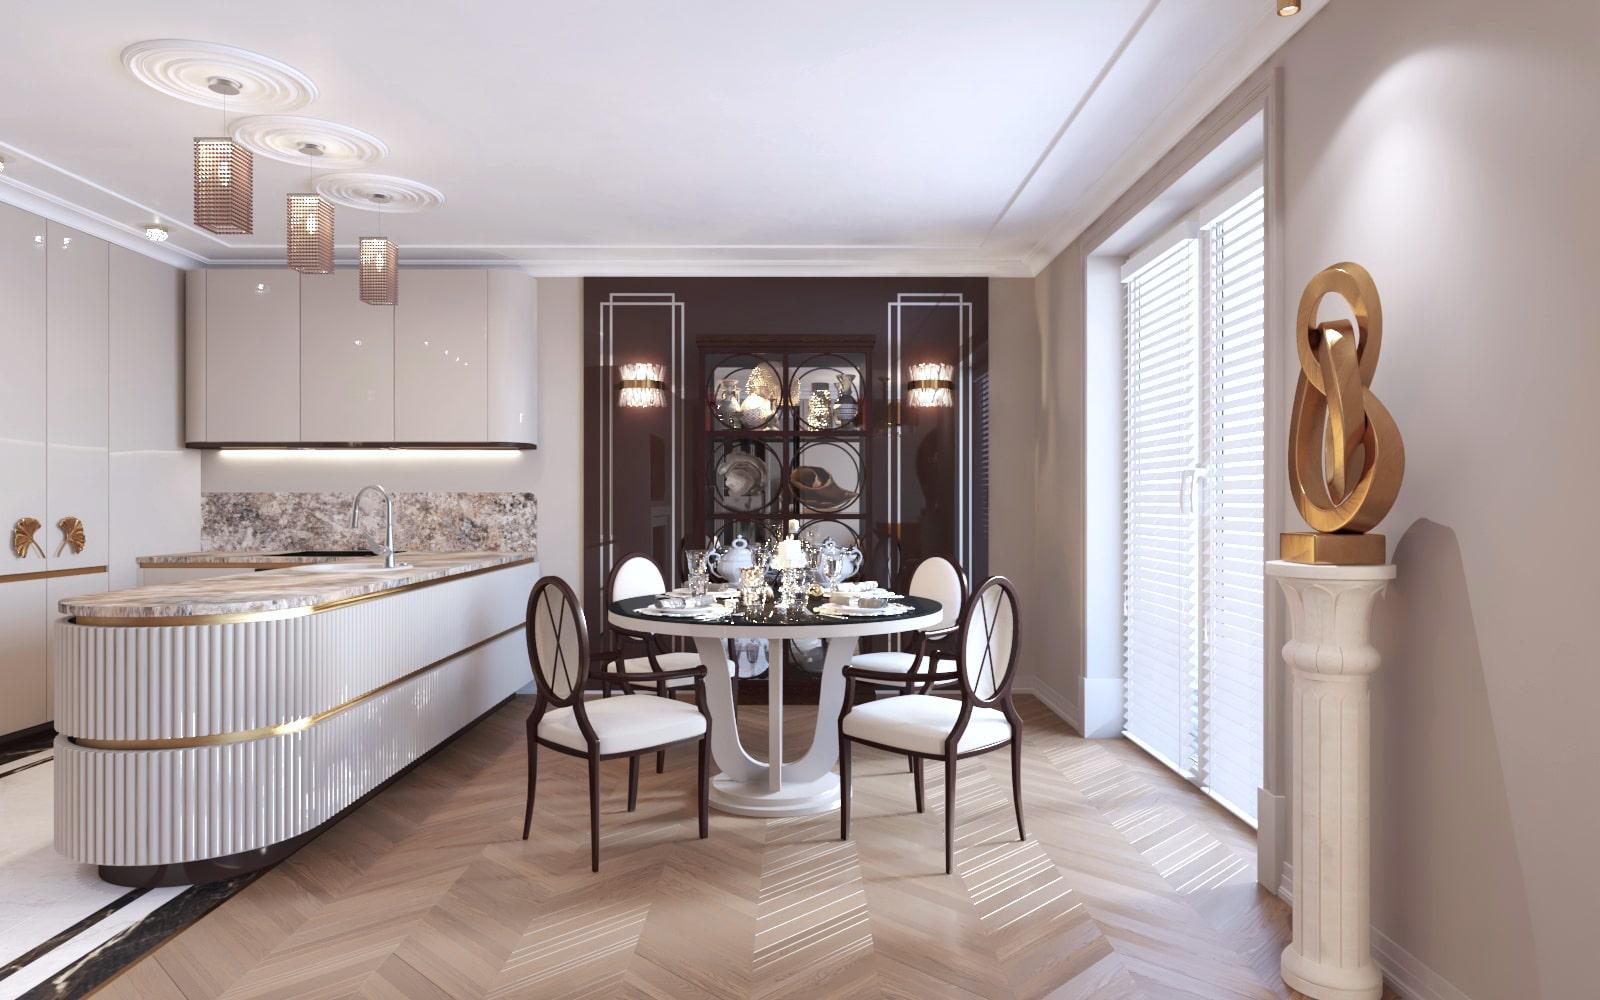 Jasne i minimalistyczne wnętrze zaprojektowane przez architektów z Krakowa.